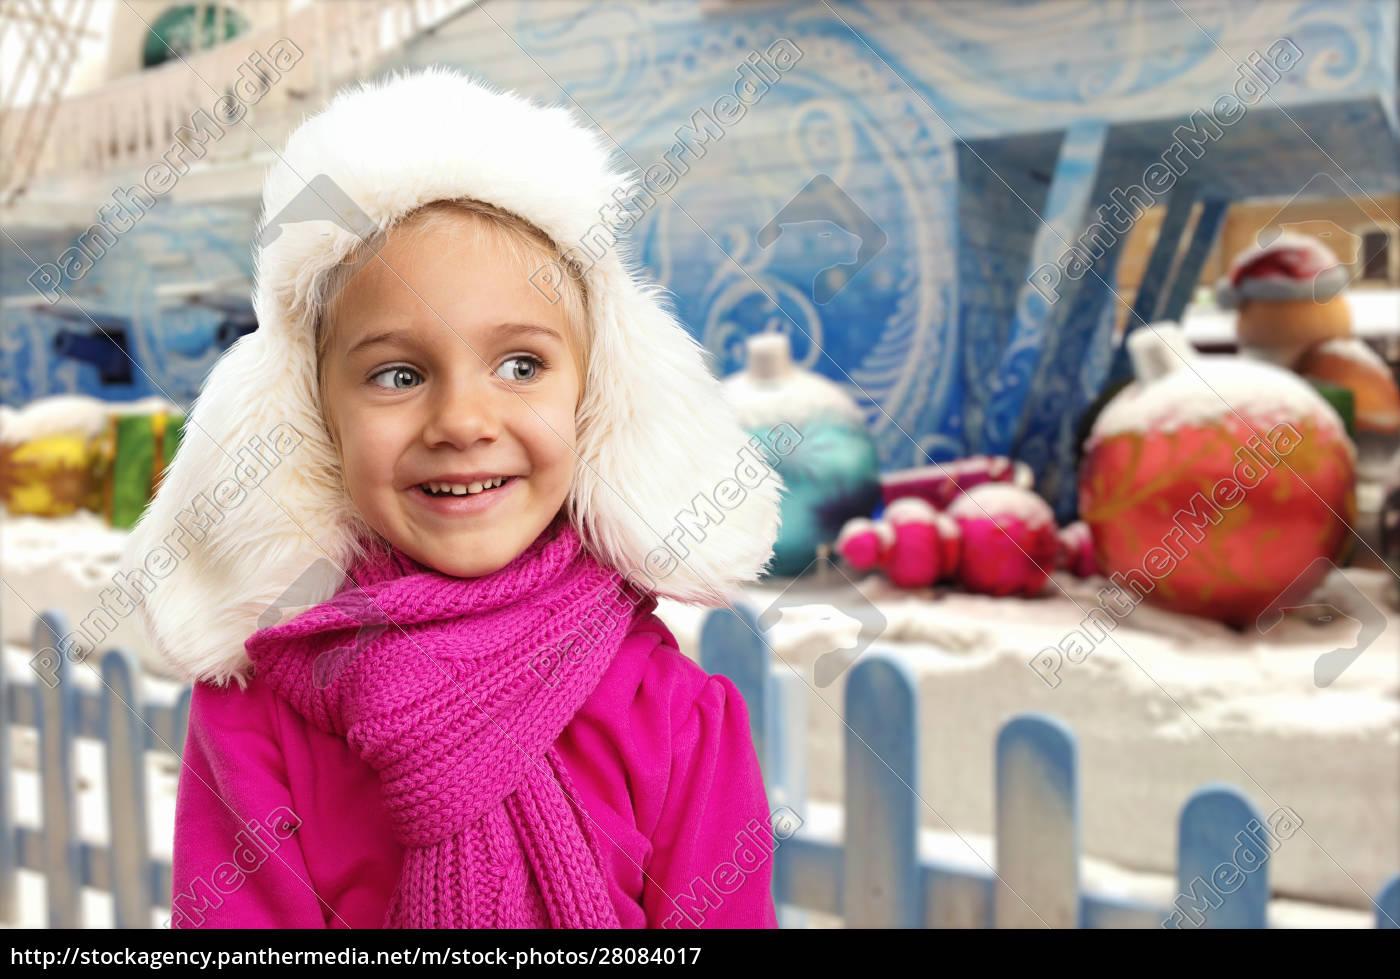 small, girl, in, winter, interior - 28084017